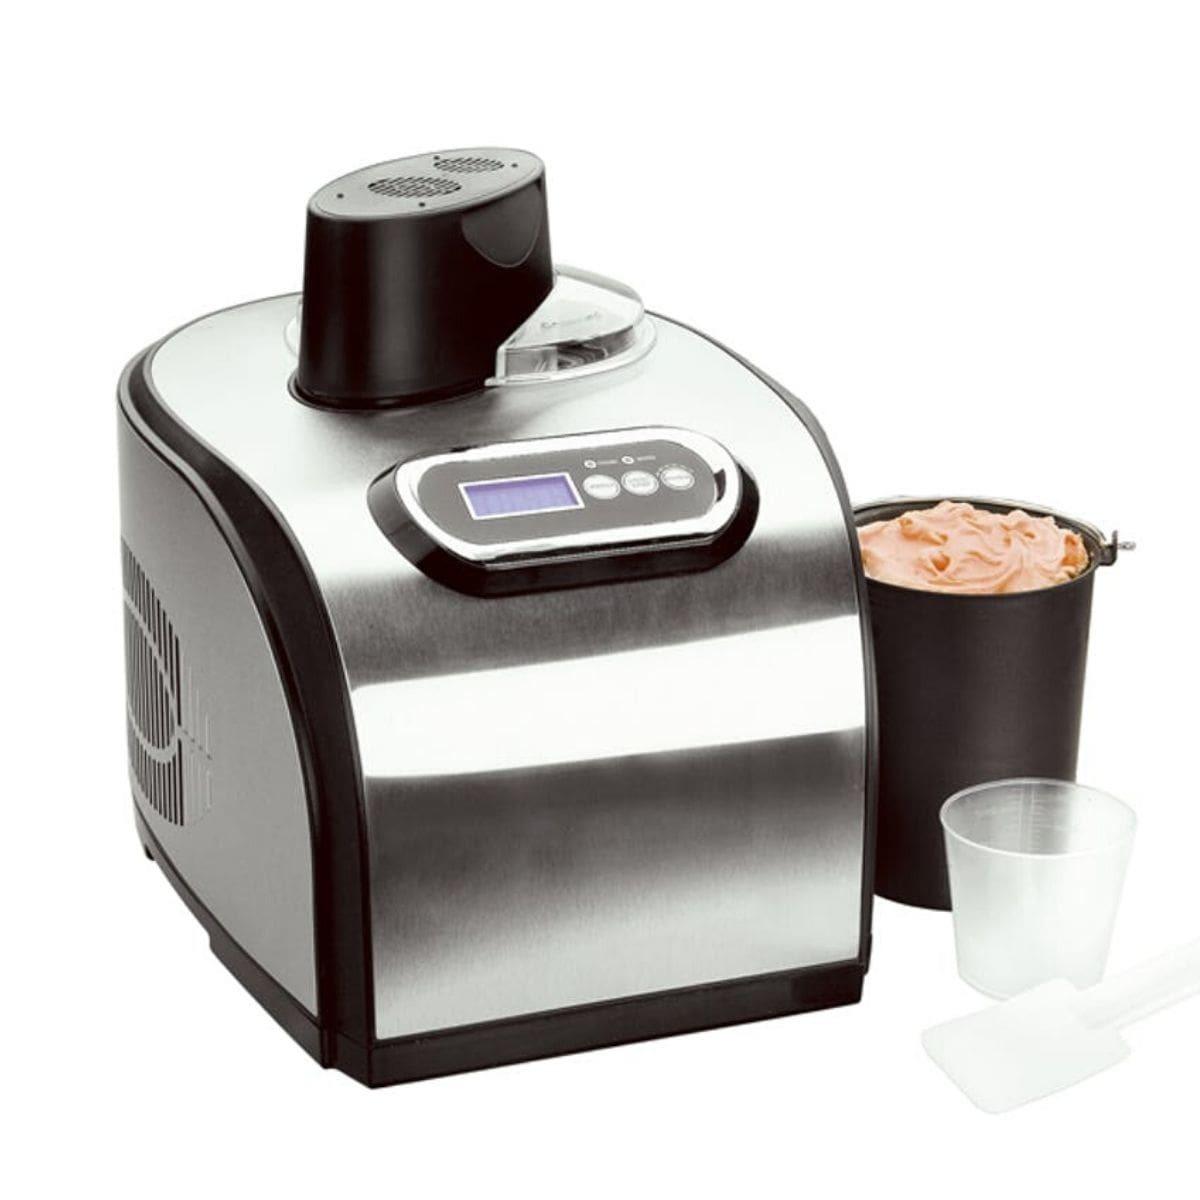 Автоматическая мороженица Gastrorag ICM-1518 1,5 л серебристая